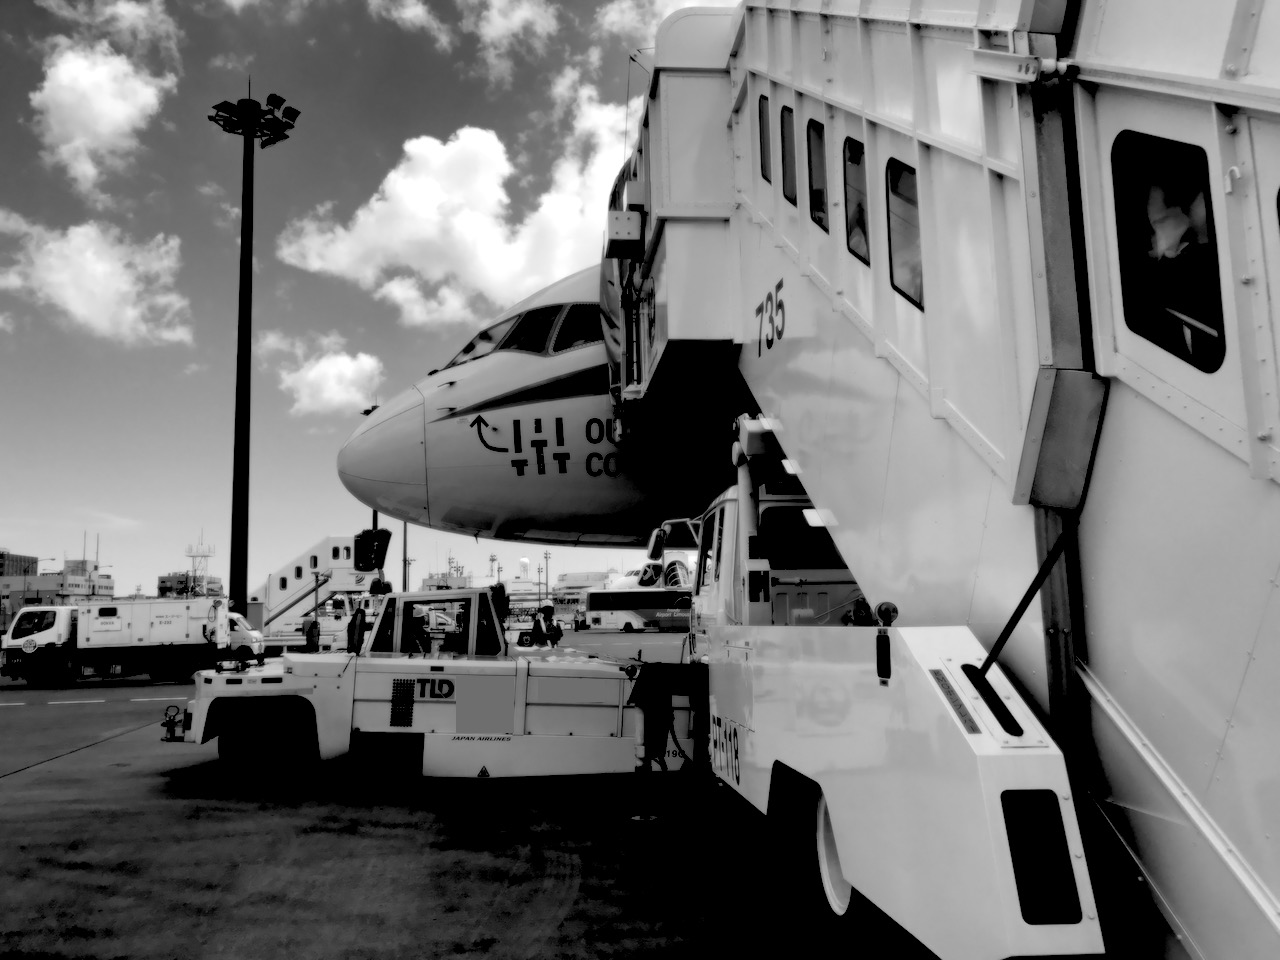 飛行機でリコールが発生すると車と違って、改修費用は航空会社が負担しているっていうことはあまり知られていない。